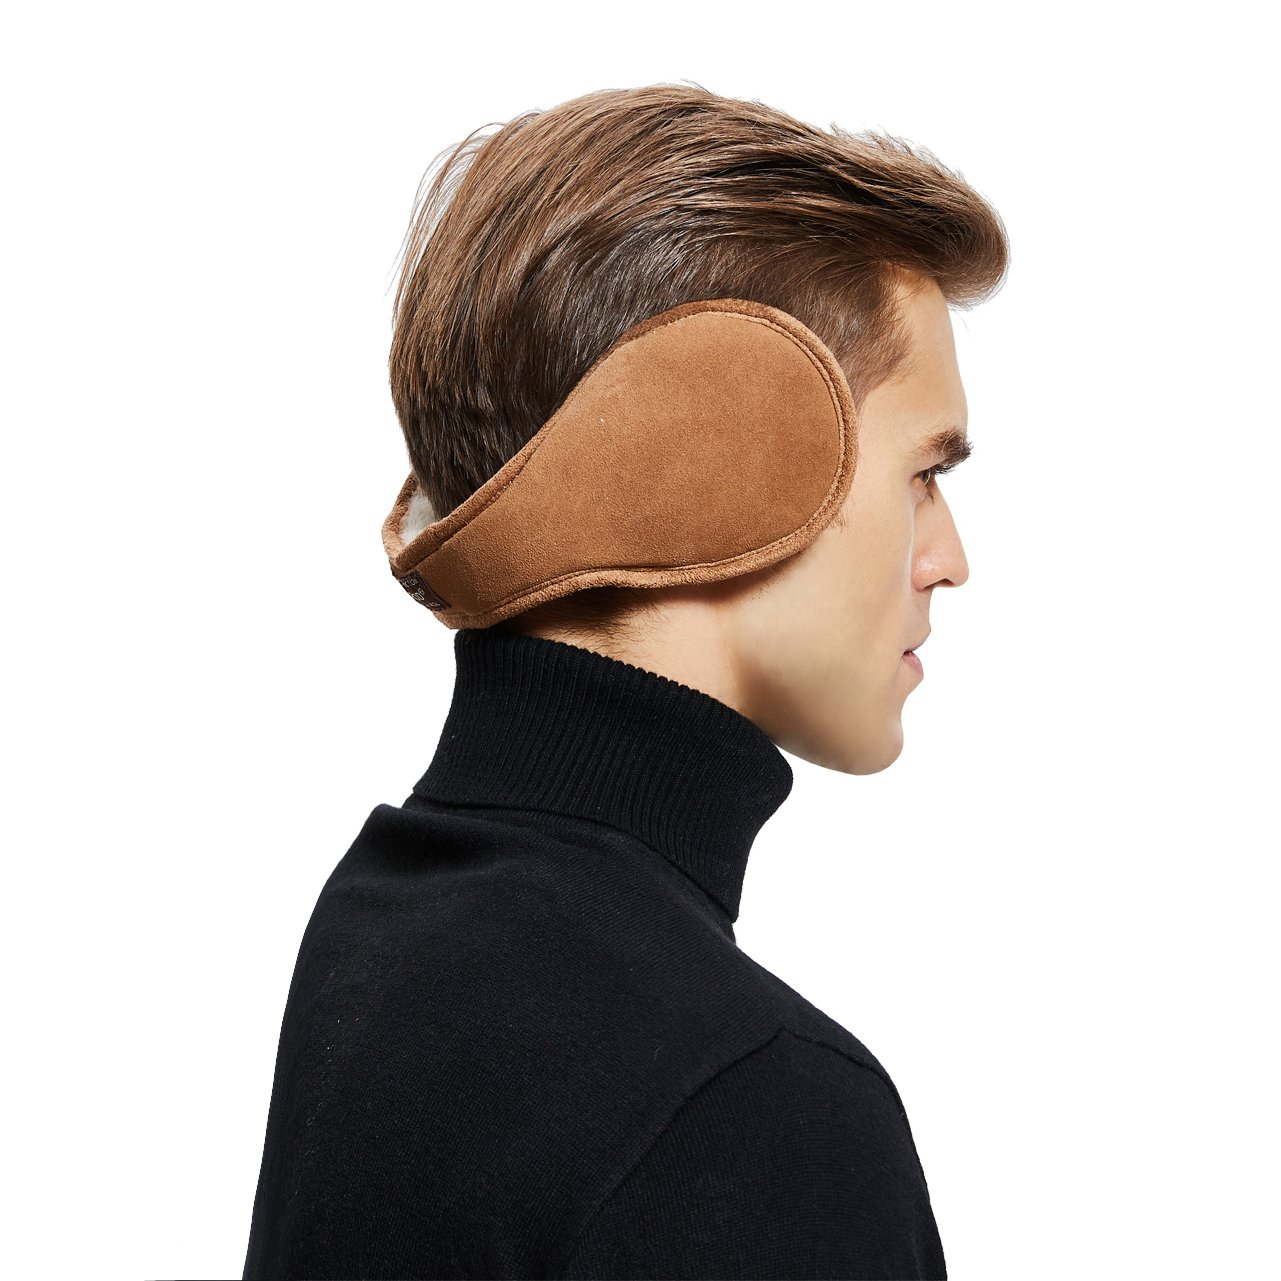 Snug Earmuffs warmer made by Australian sheepskin wool from Ikepod – For men and women (Chestnut)